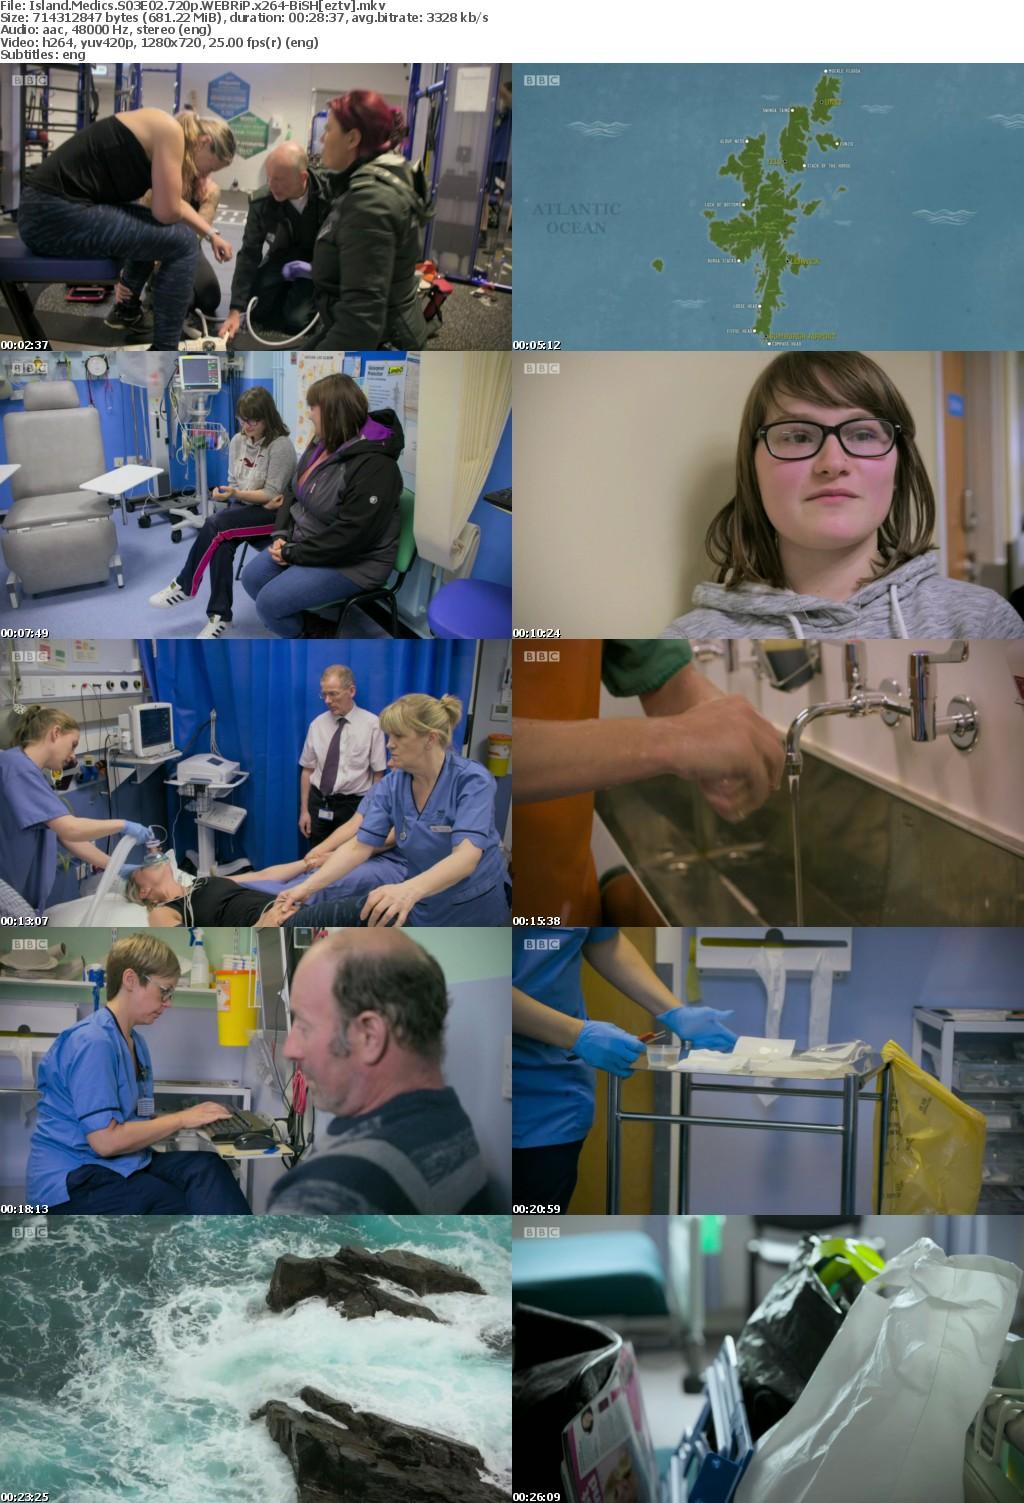 Island Medics S03E02 720p WEBRiP x264-BiSH